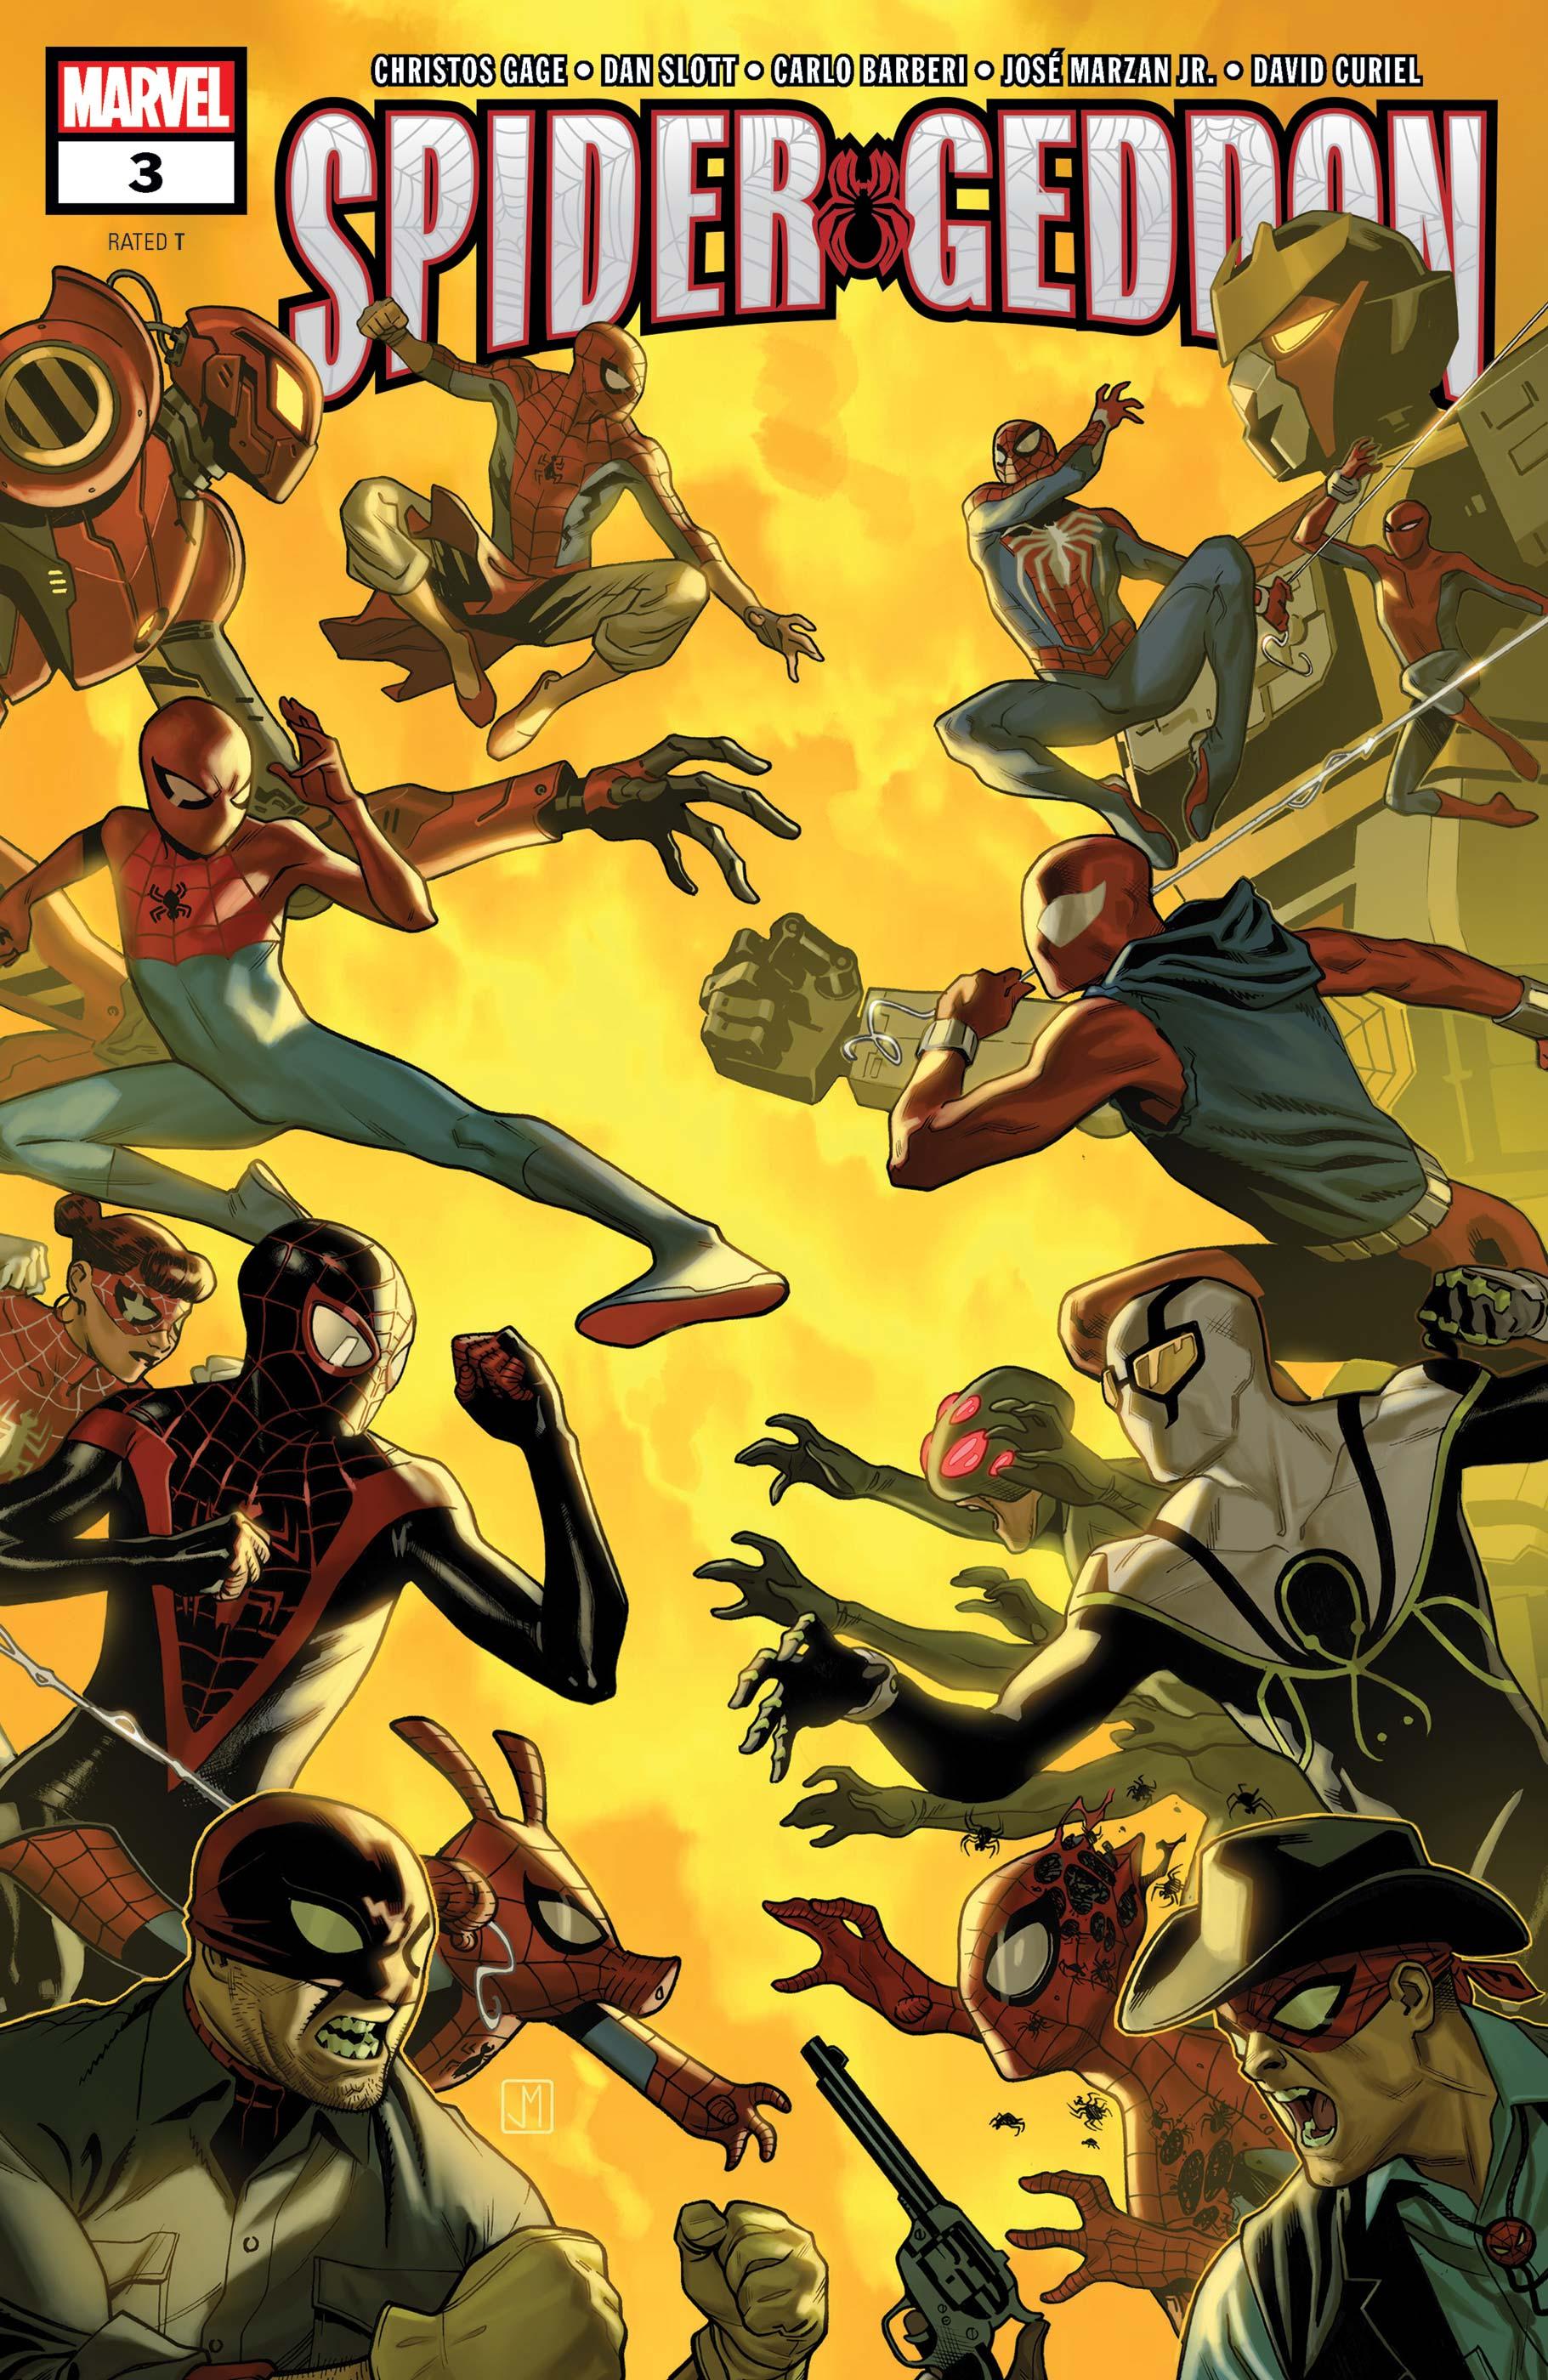 Spider-Geddon (2018) #3